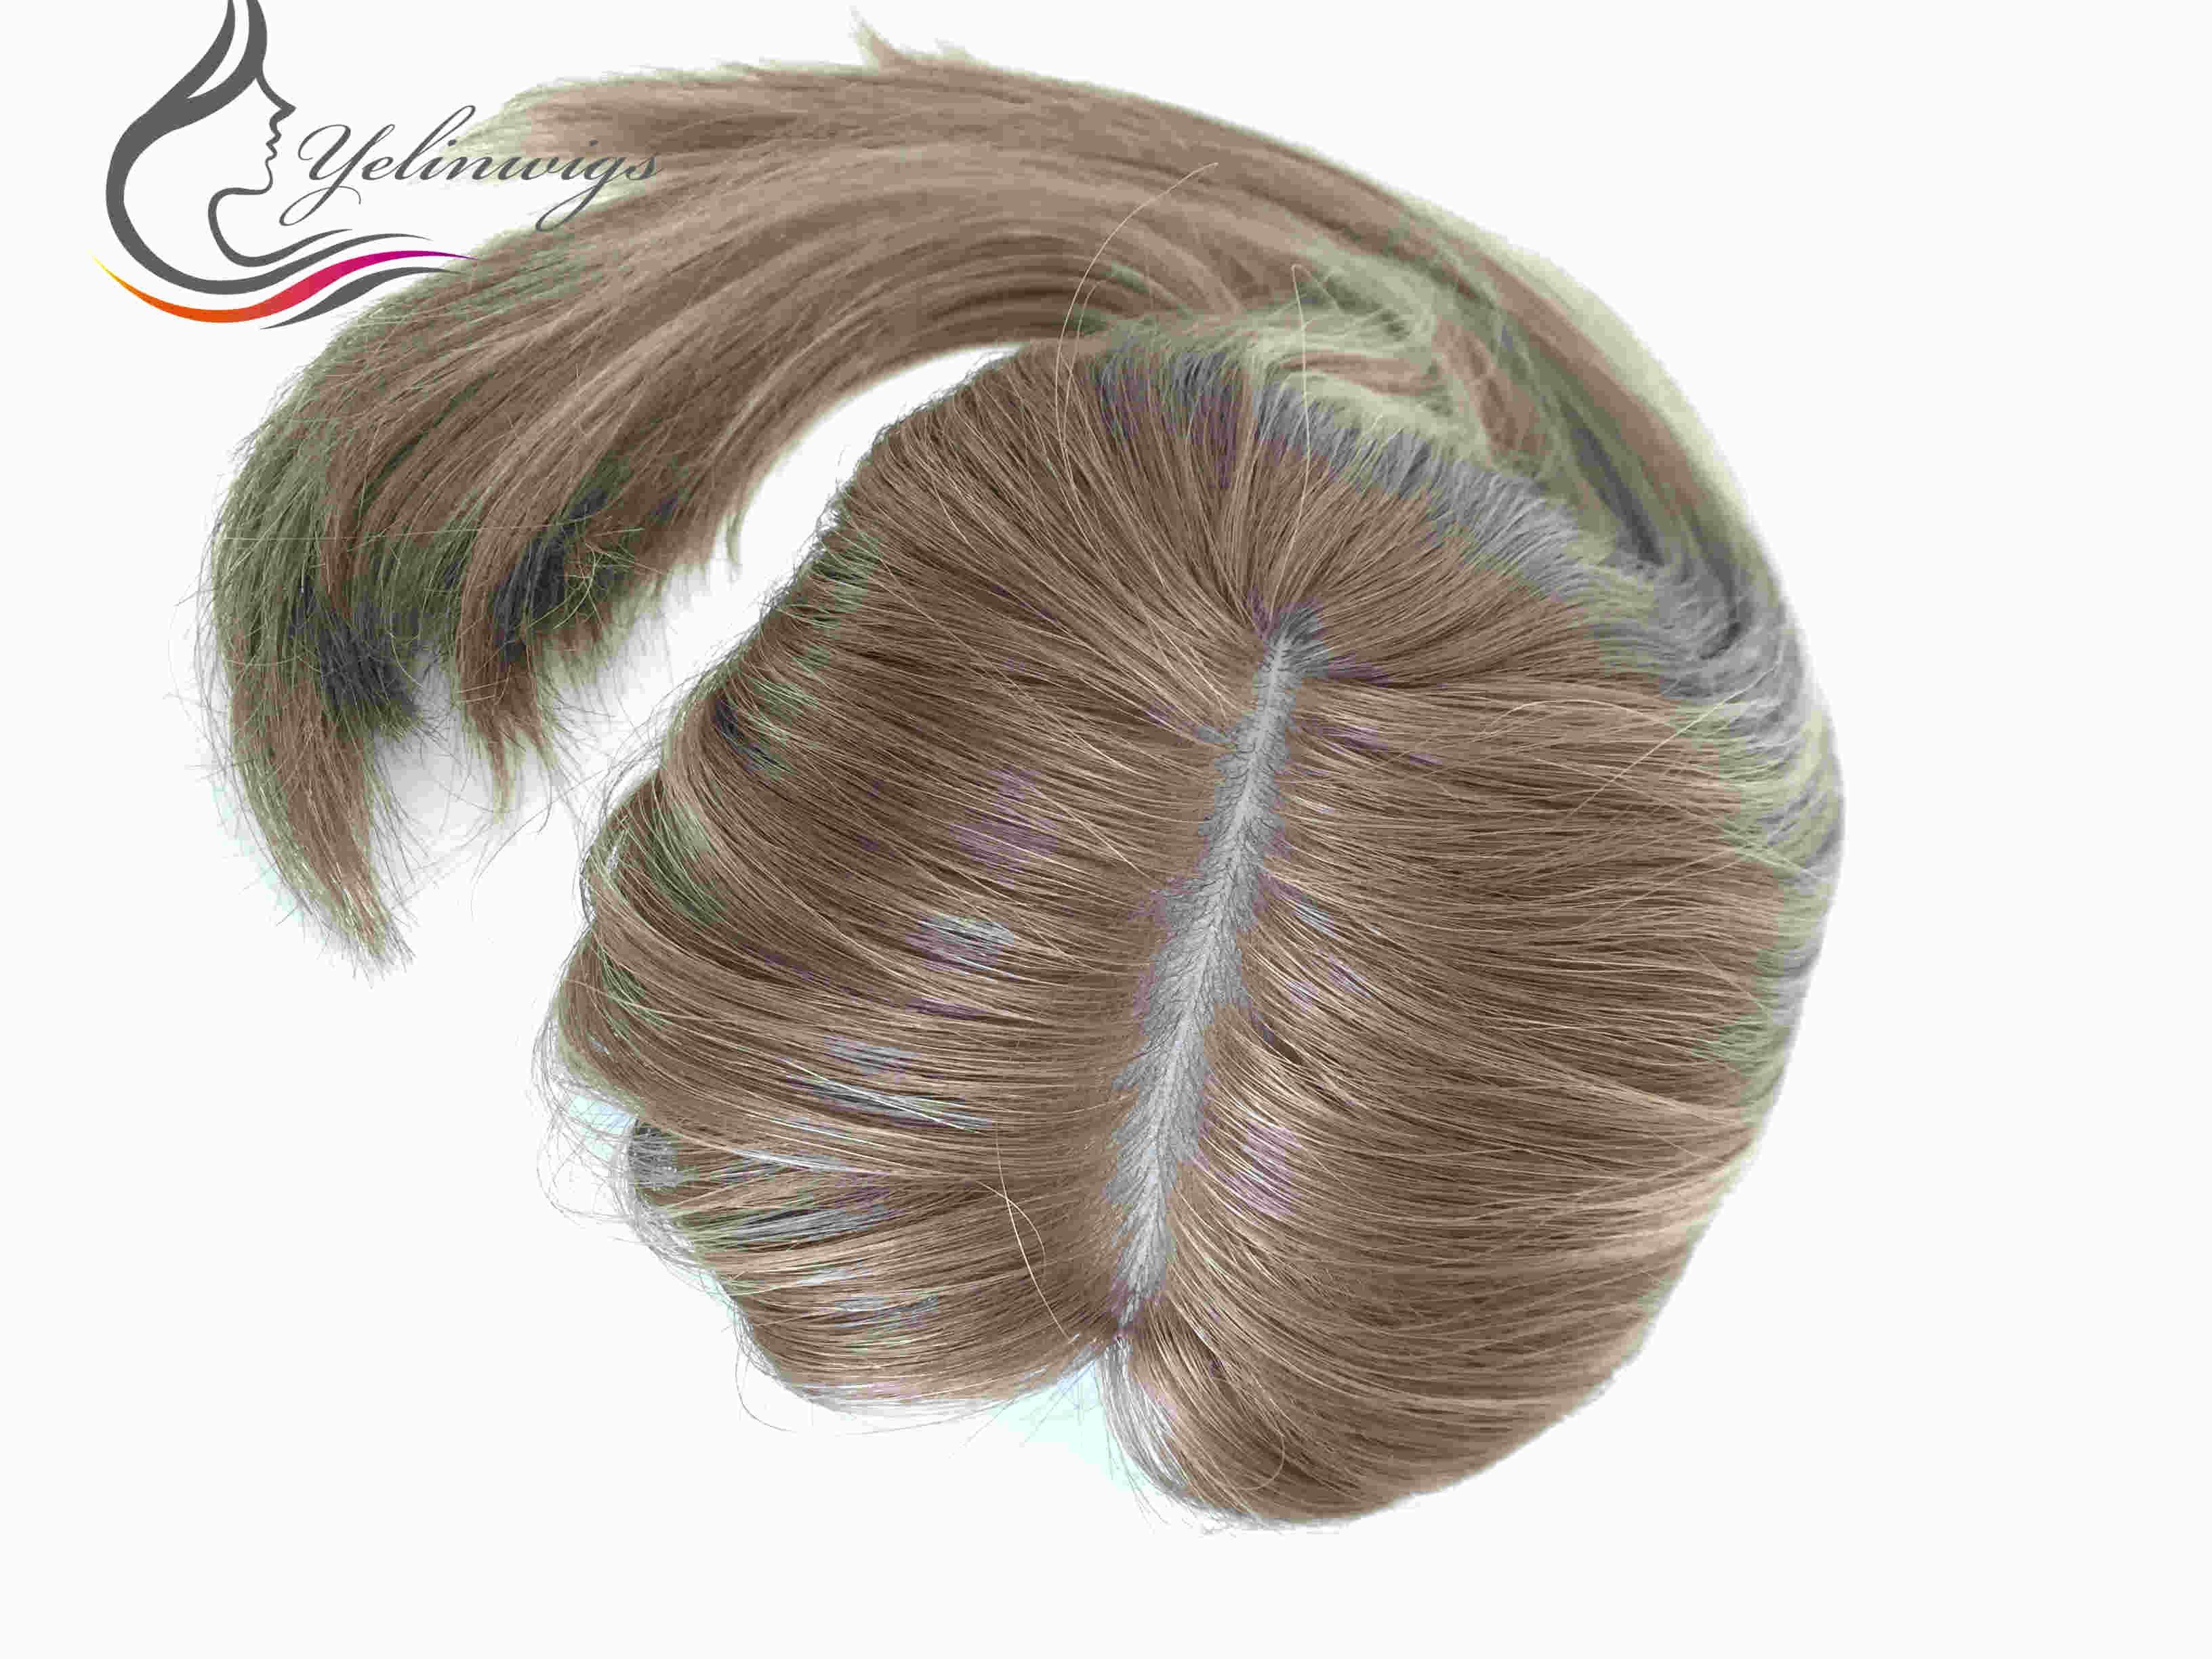 Fine European Hair Jewish Topper Hair Pieces High Quality European Hair Kippah Fall Kosher Hair Pieces